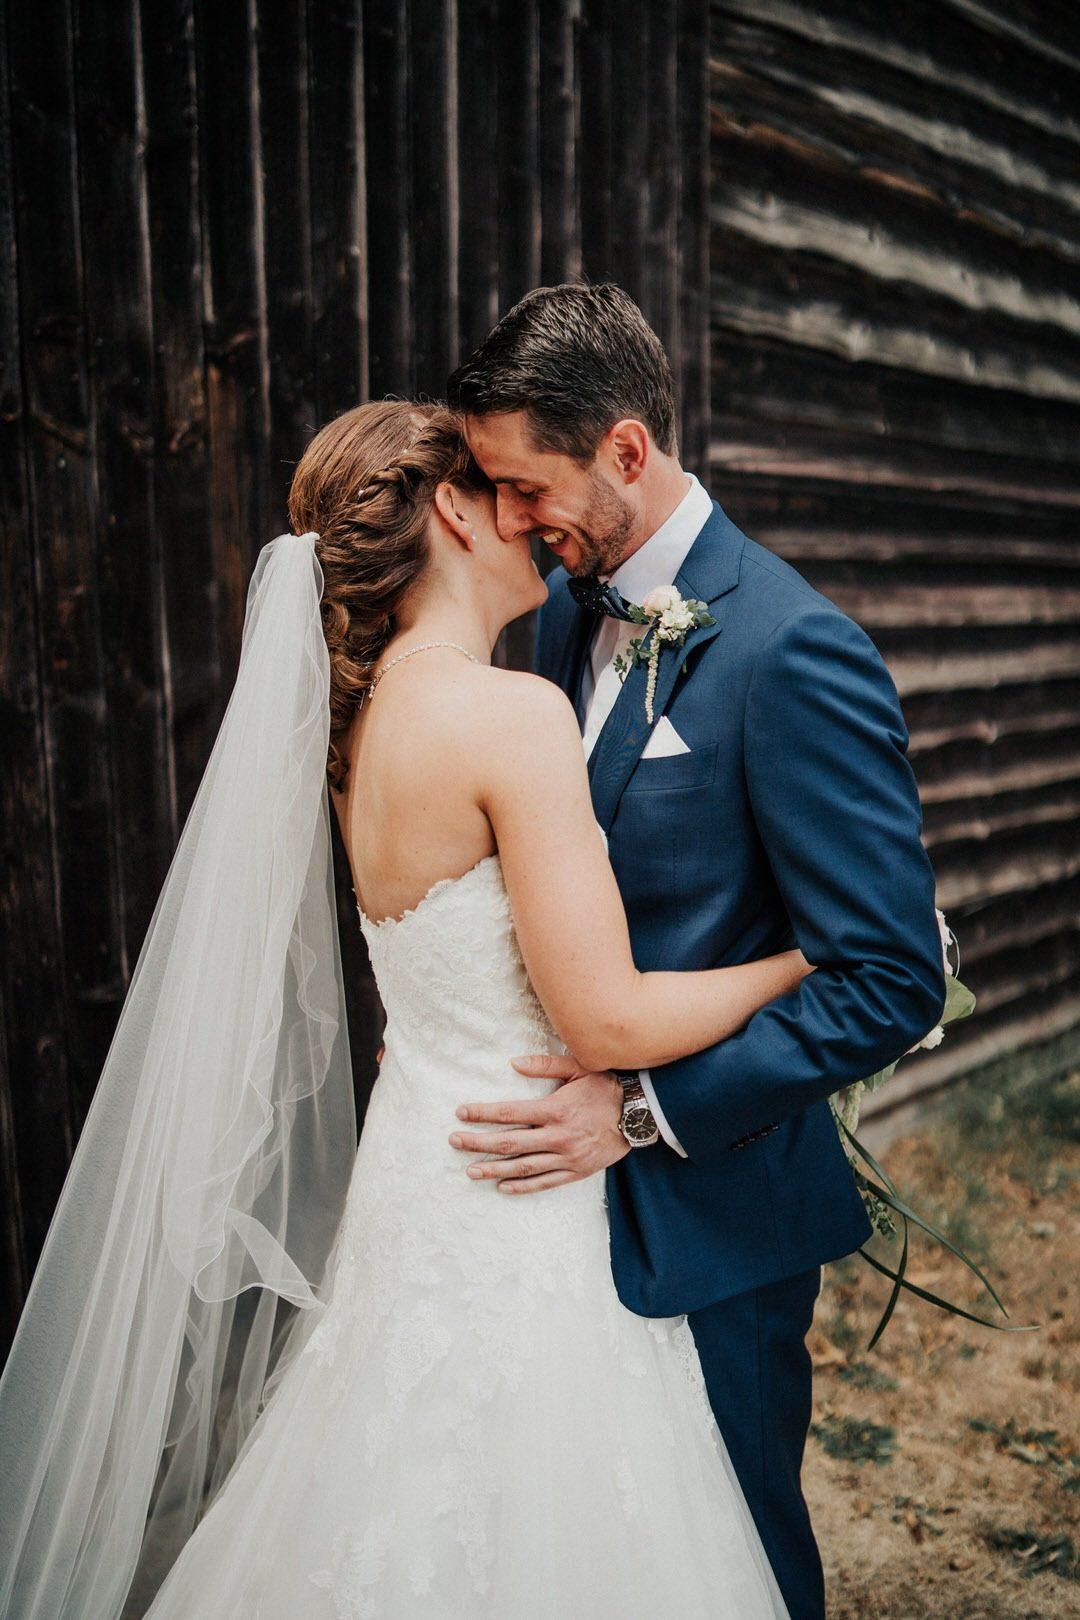 Innige Umarmung des Vintage Brautpaars bei den Hochzeitsfotos